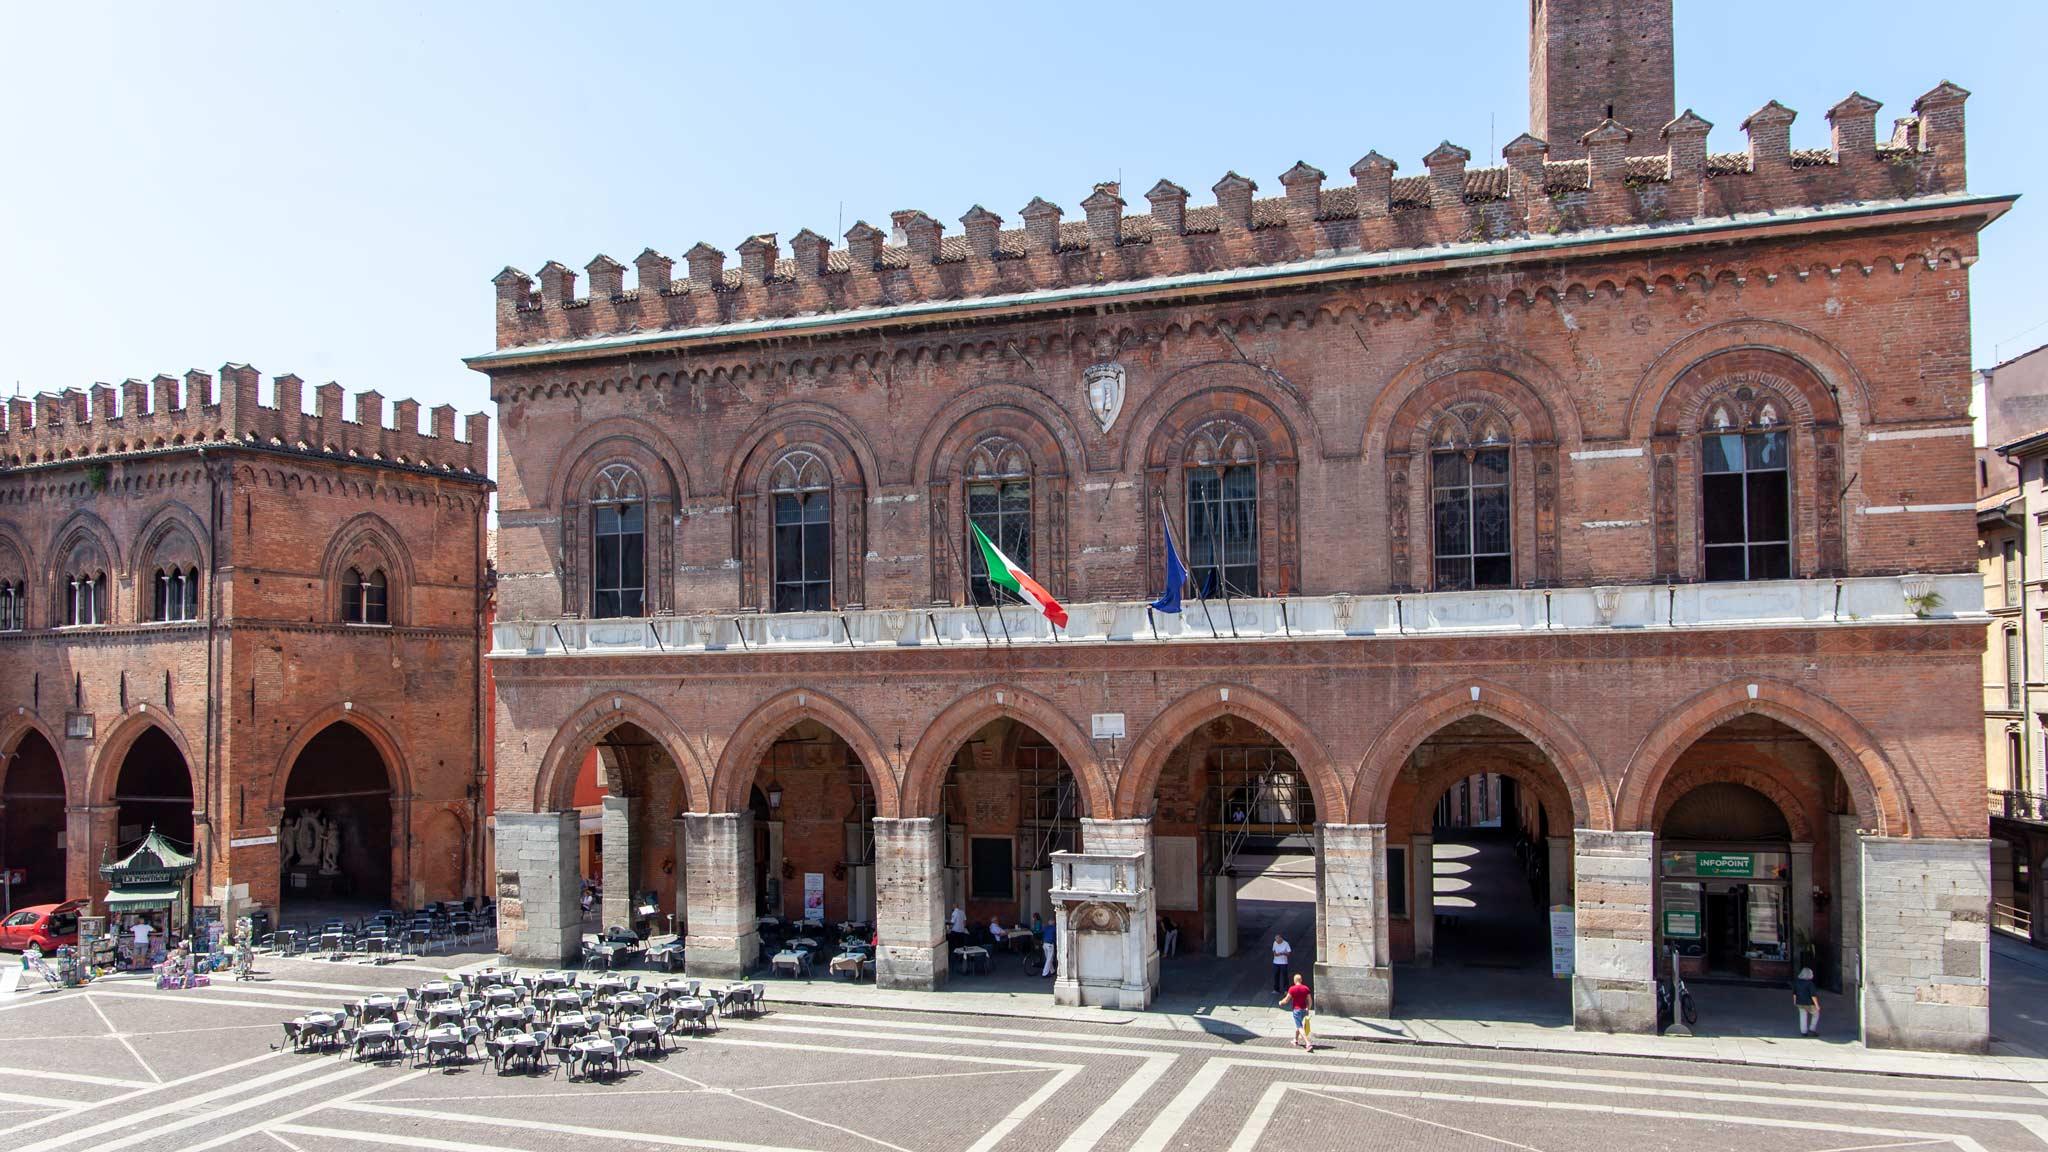 Ayuntamiento de Cremona con una cafetería y Pórticos